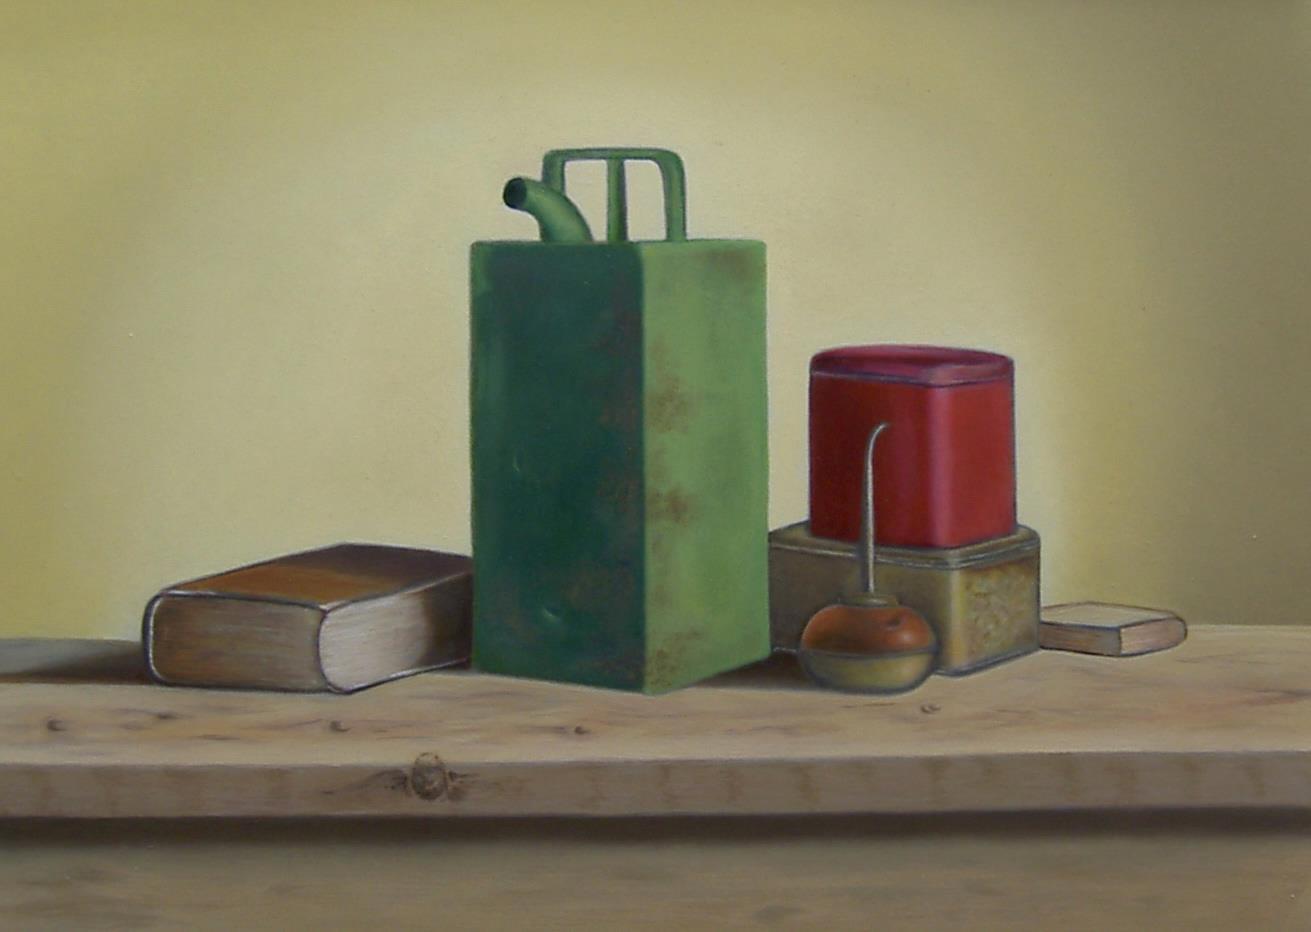 Iet Stammes. Geschilderd naar voorbeeld meester schilder Jos van Riswick.